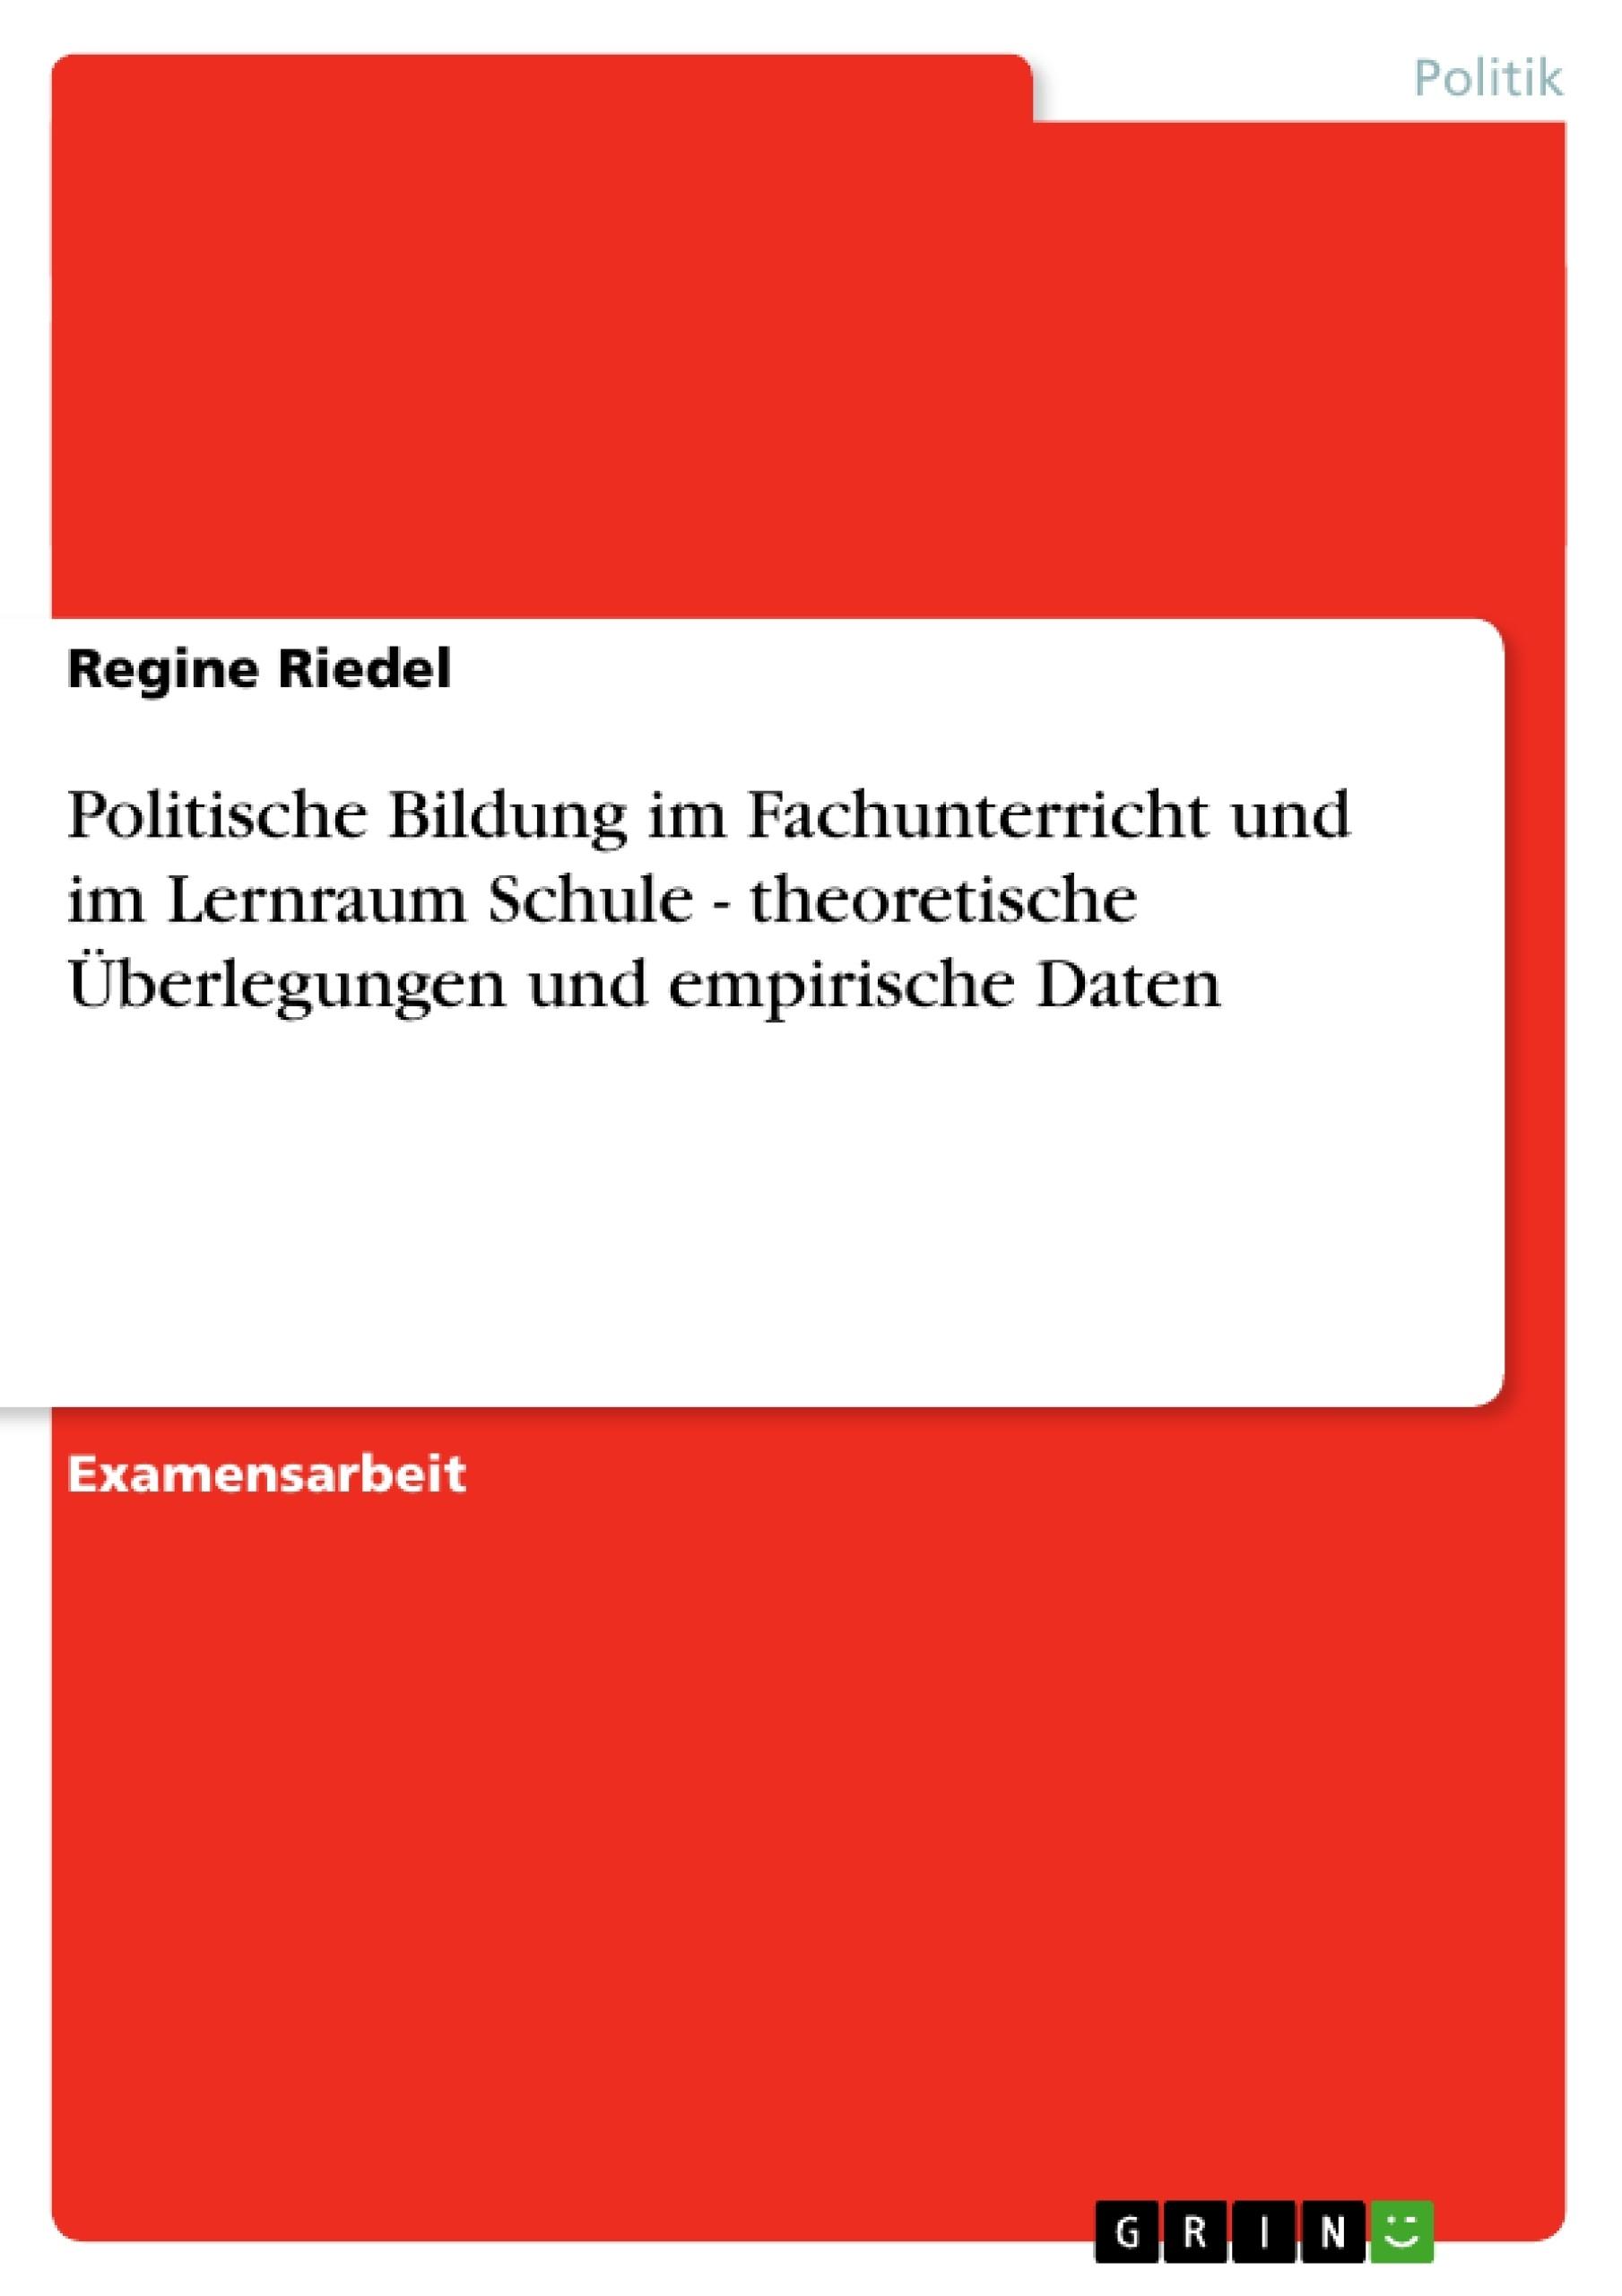 Titel: Politische Bildung im Fachunterricht  und im Lernraum Schule  - theoretische Überlegungen und empirische Daten